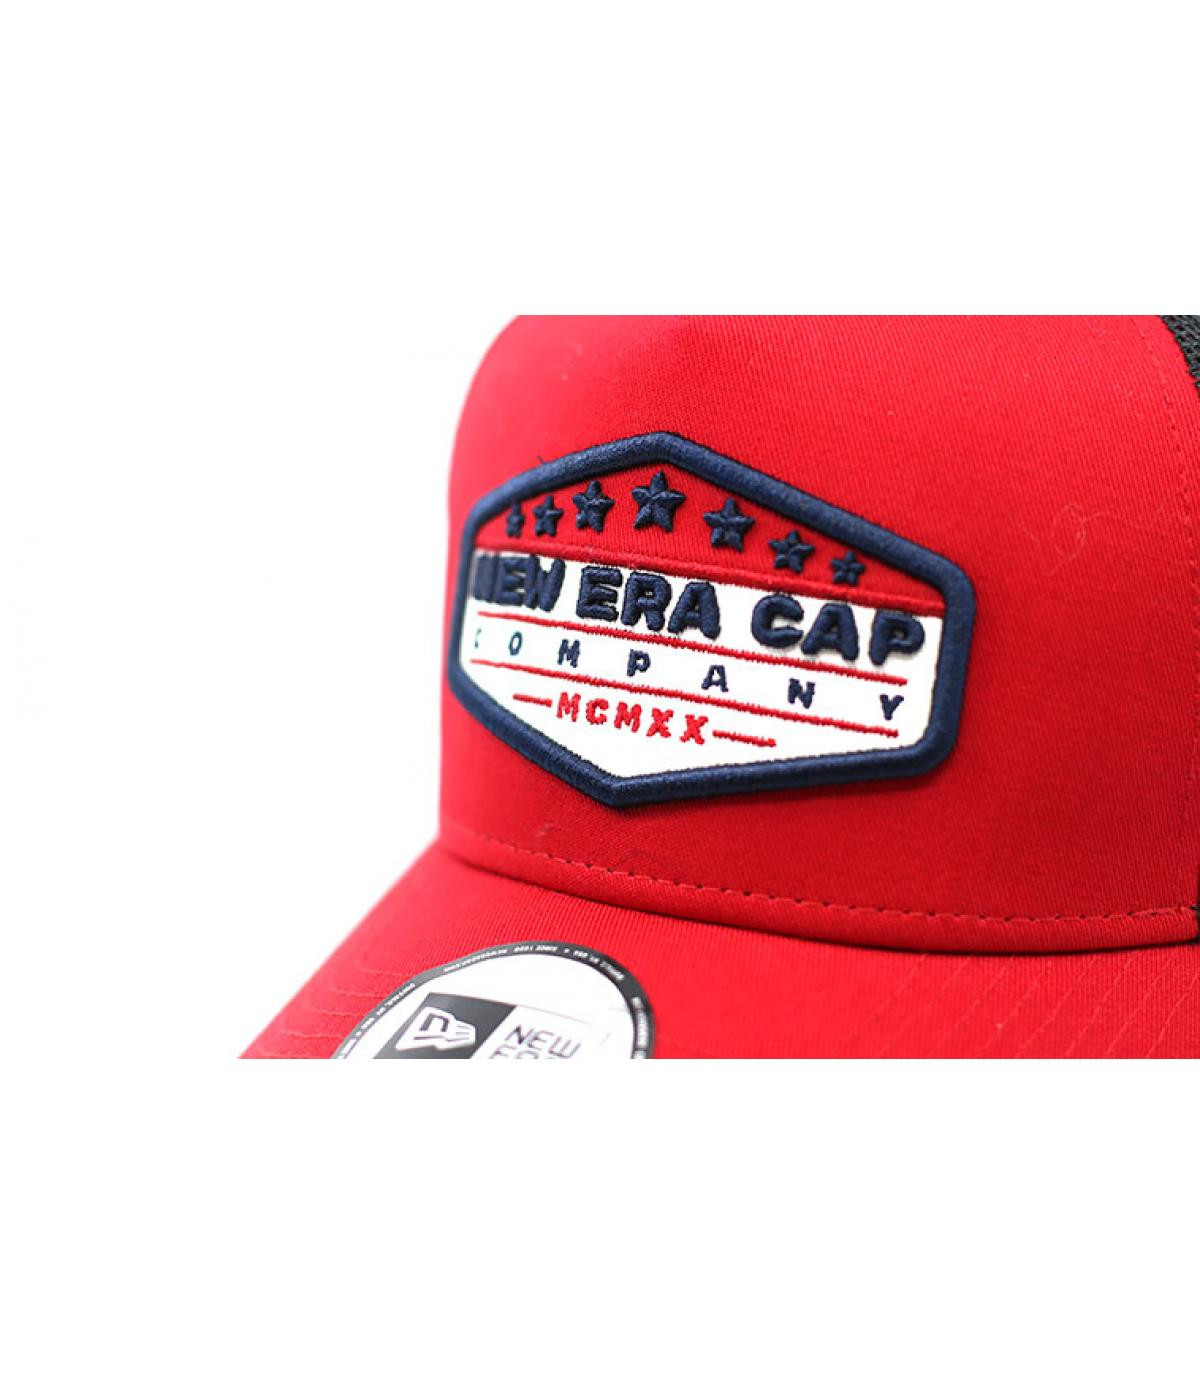 Détails Trucker Patch NE red black - image 3